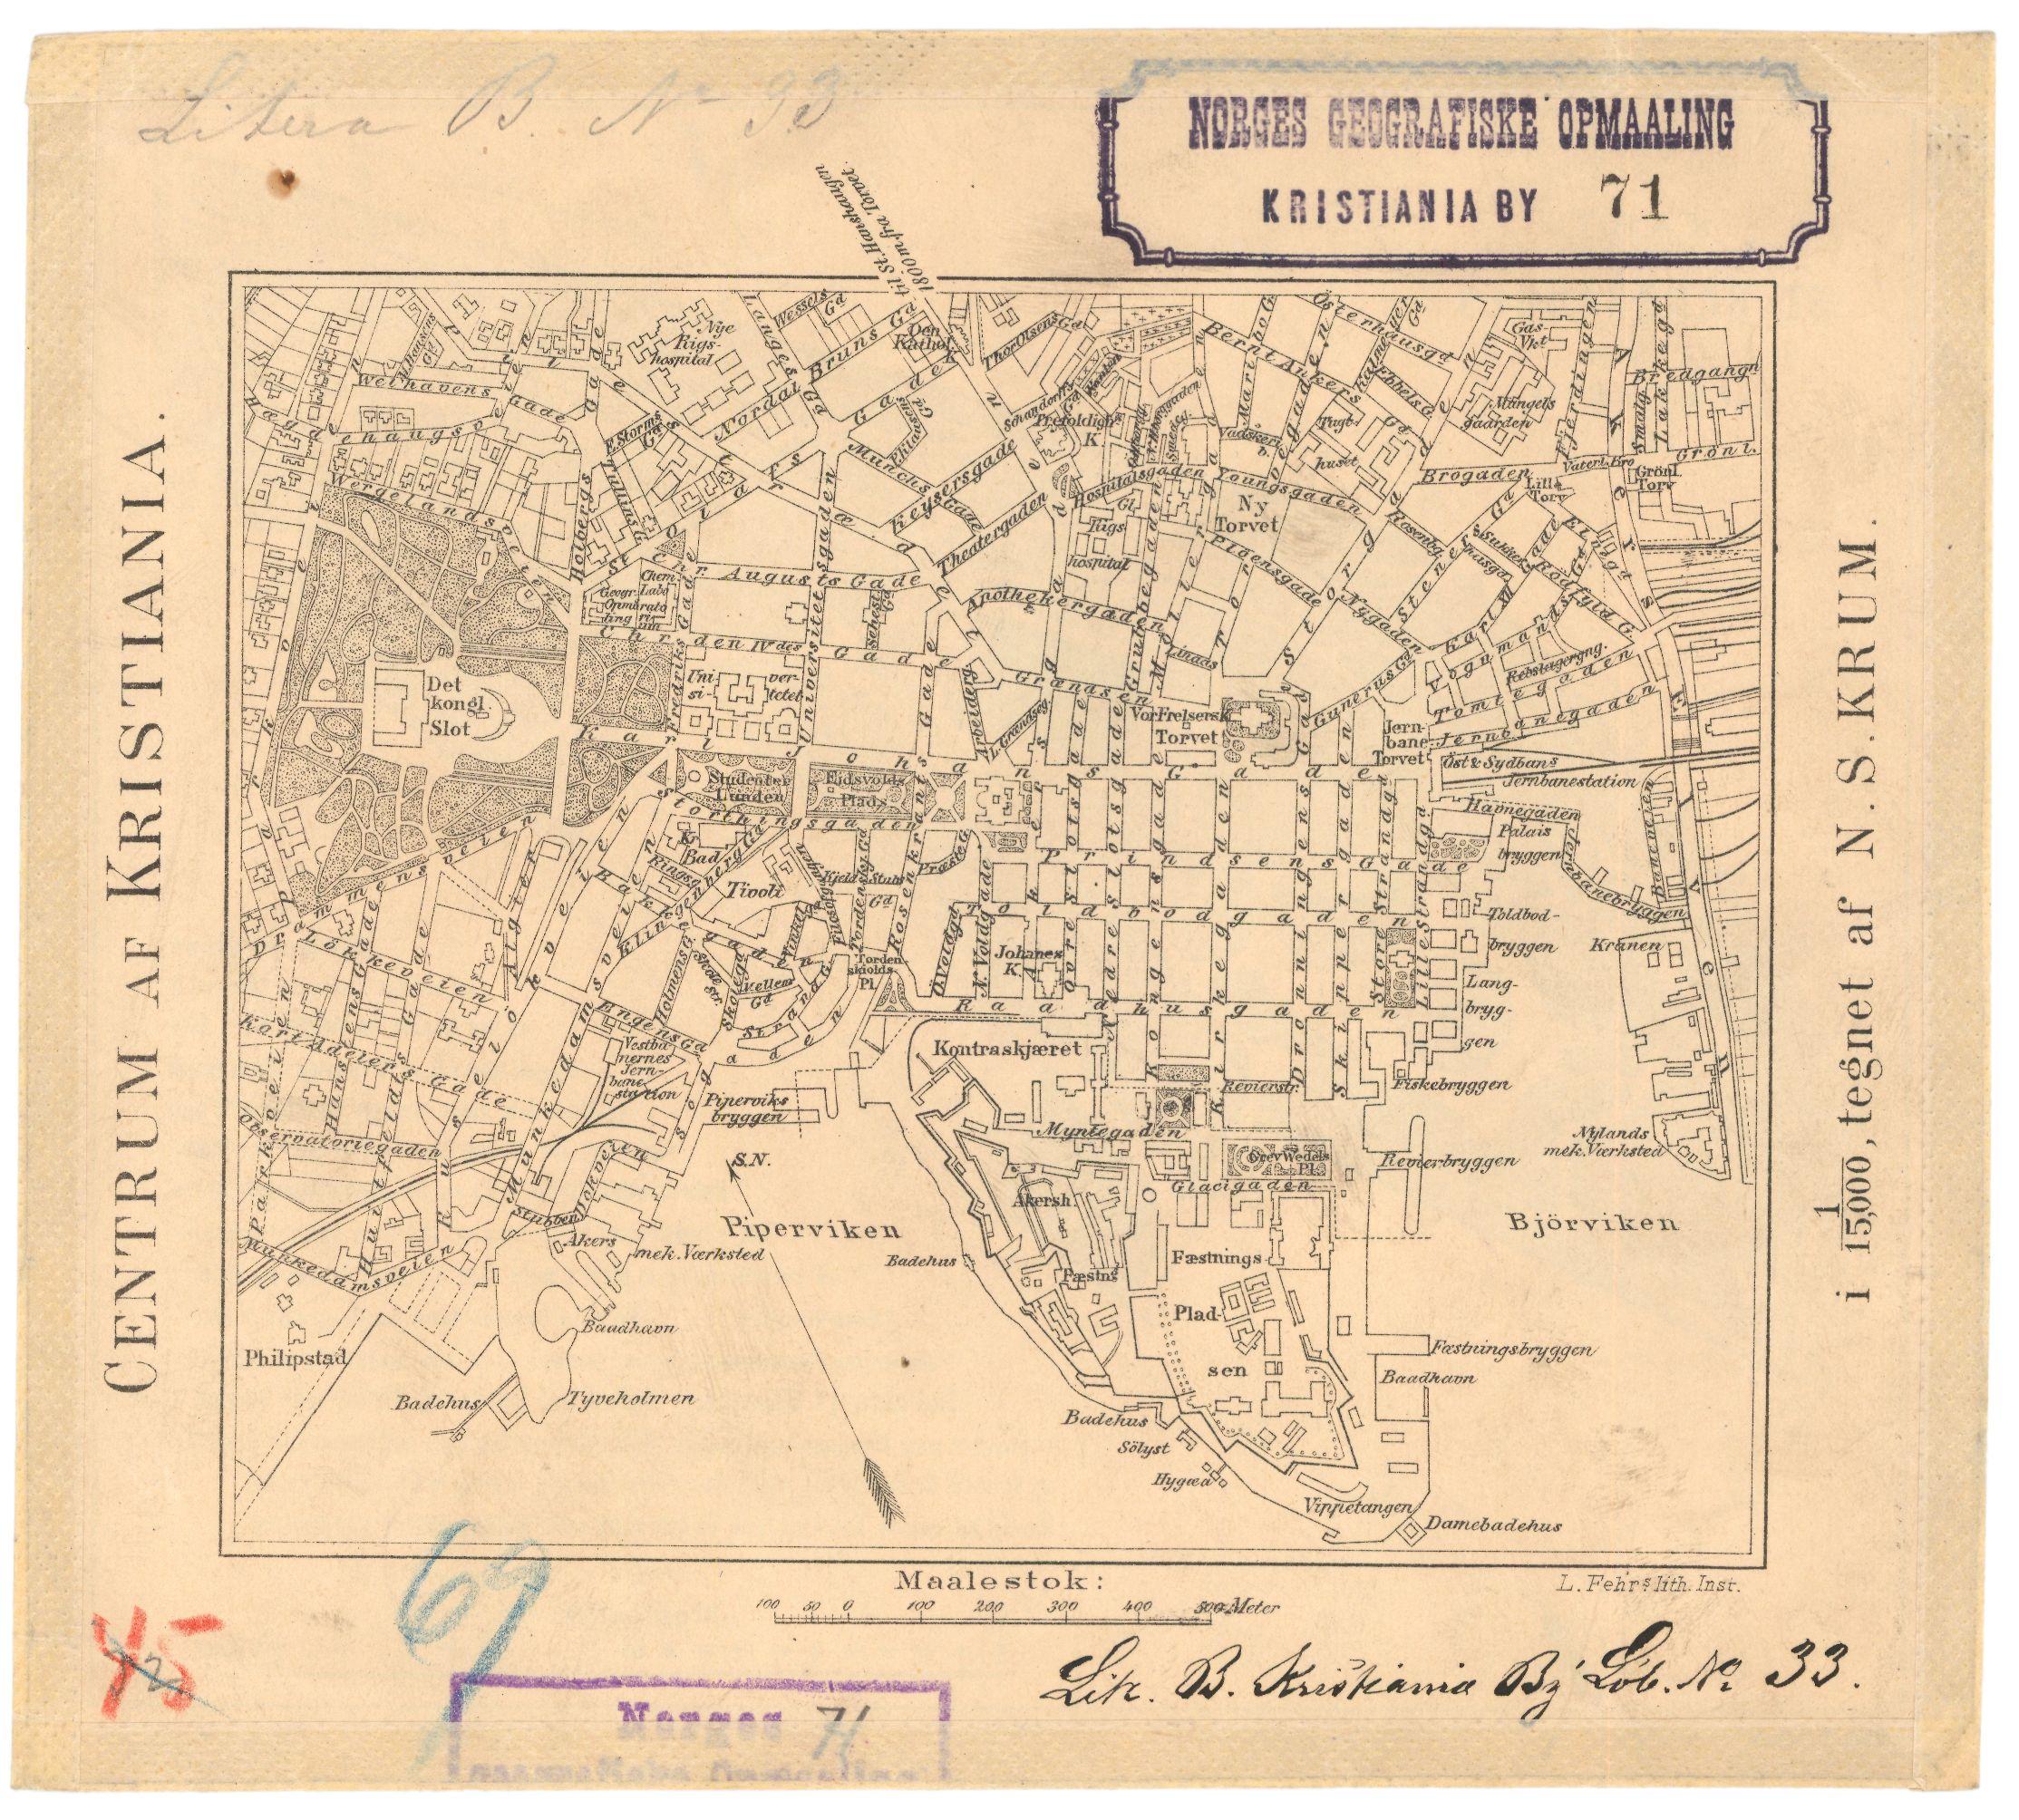 st hanshaugen kart File:Kart over centrum af Kristiania og St Hanshaugen (71 1), 1884  st hanshaugen kart